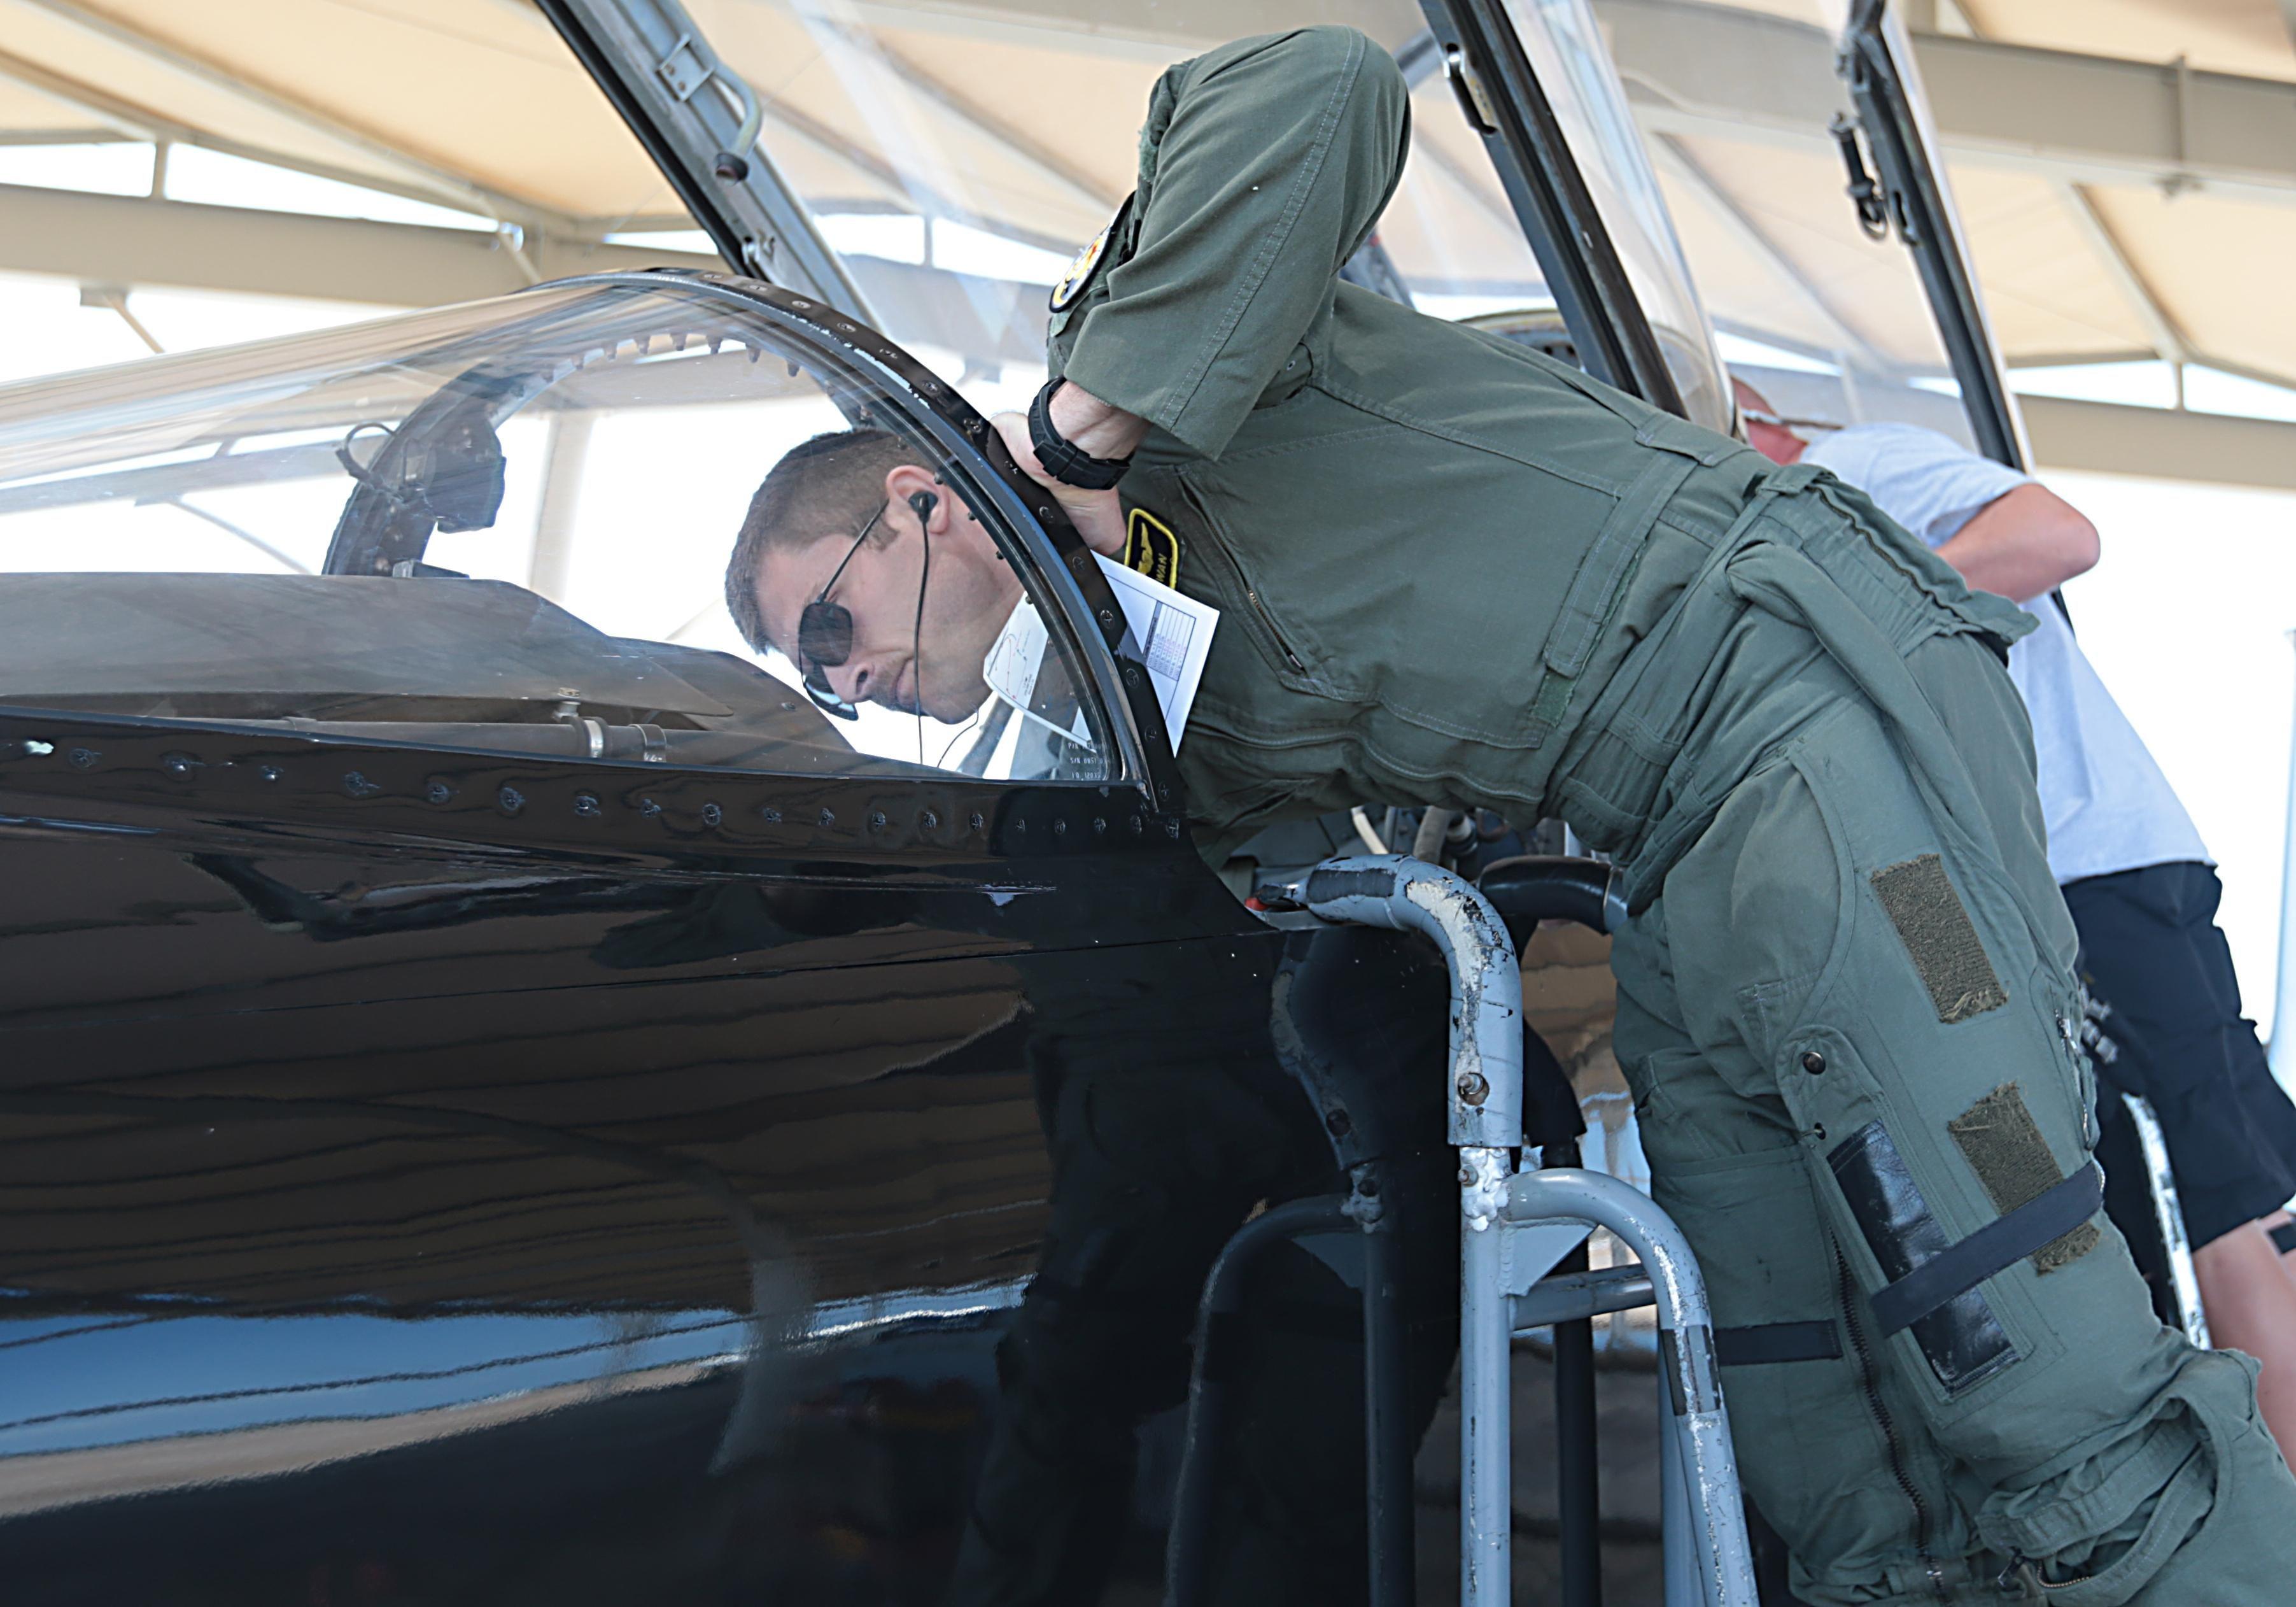 A day in the life of a T38 Talon pilot T 38 talon